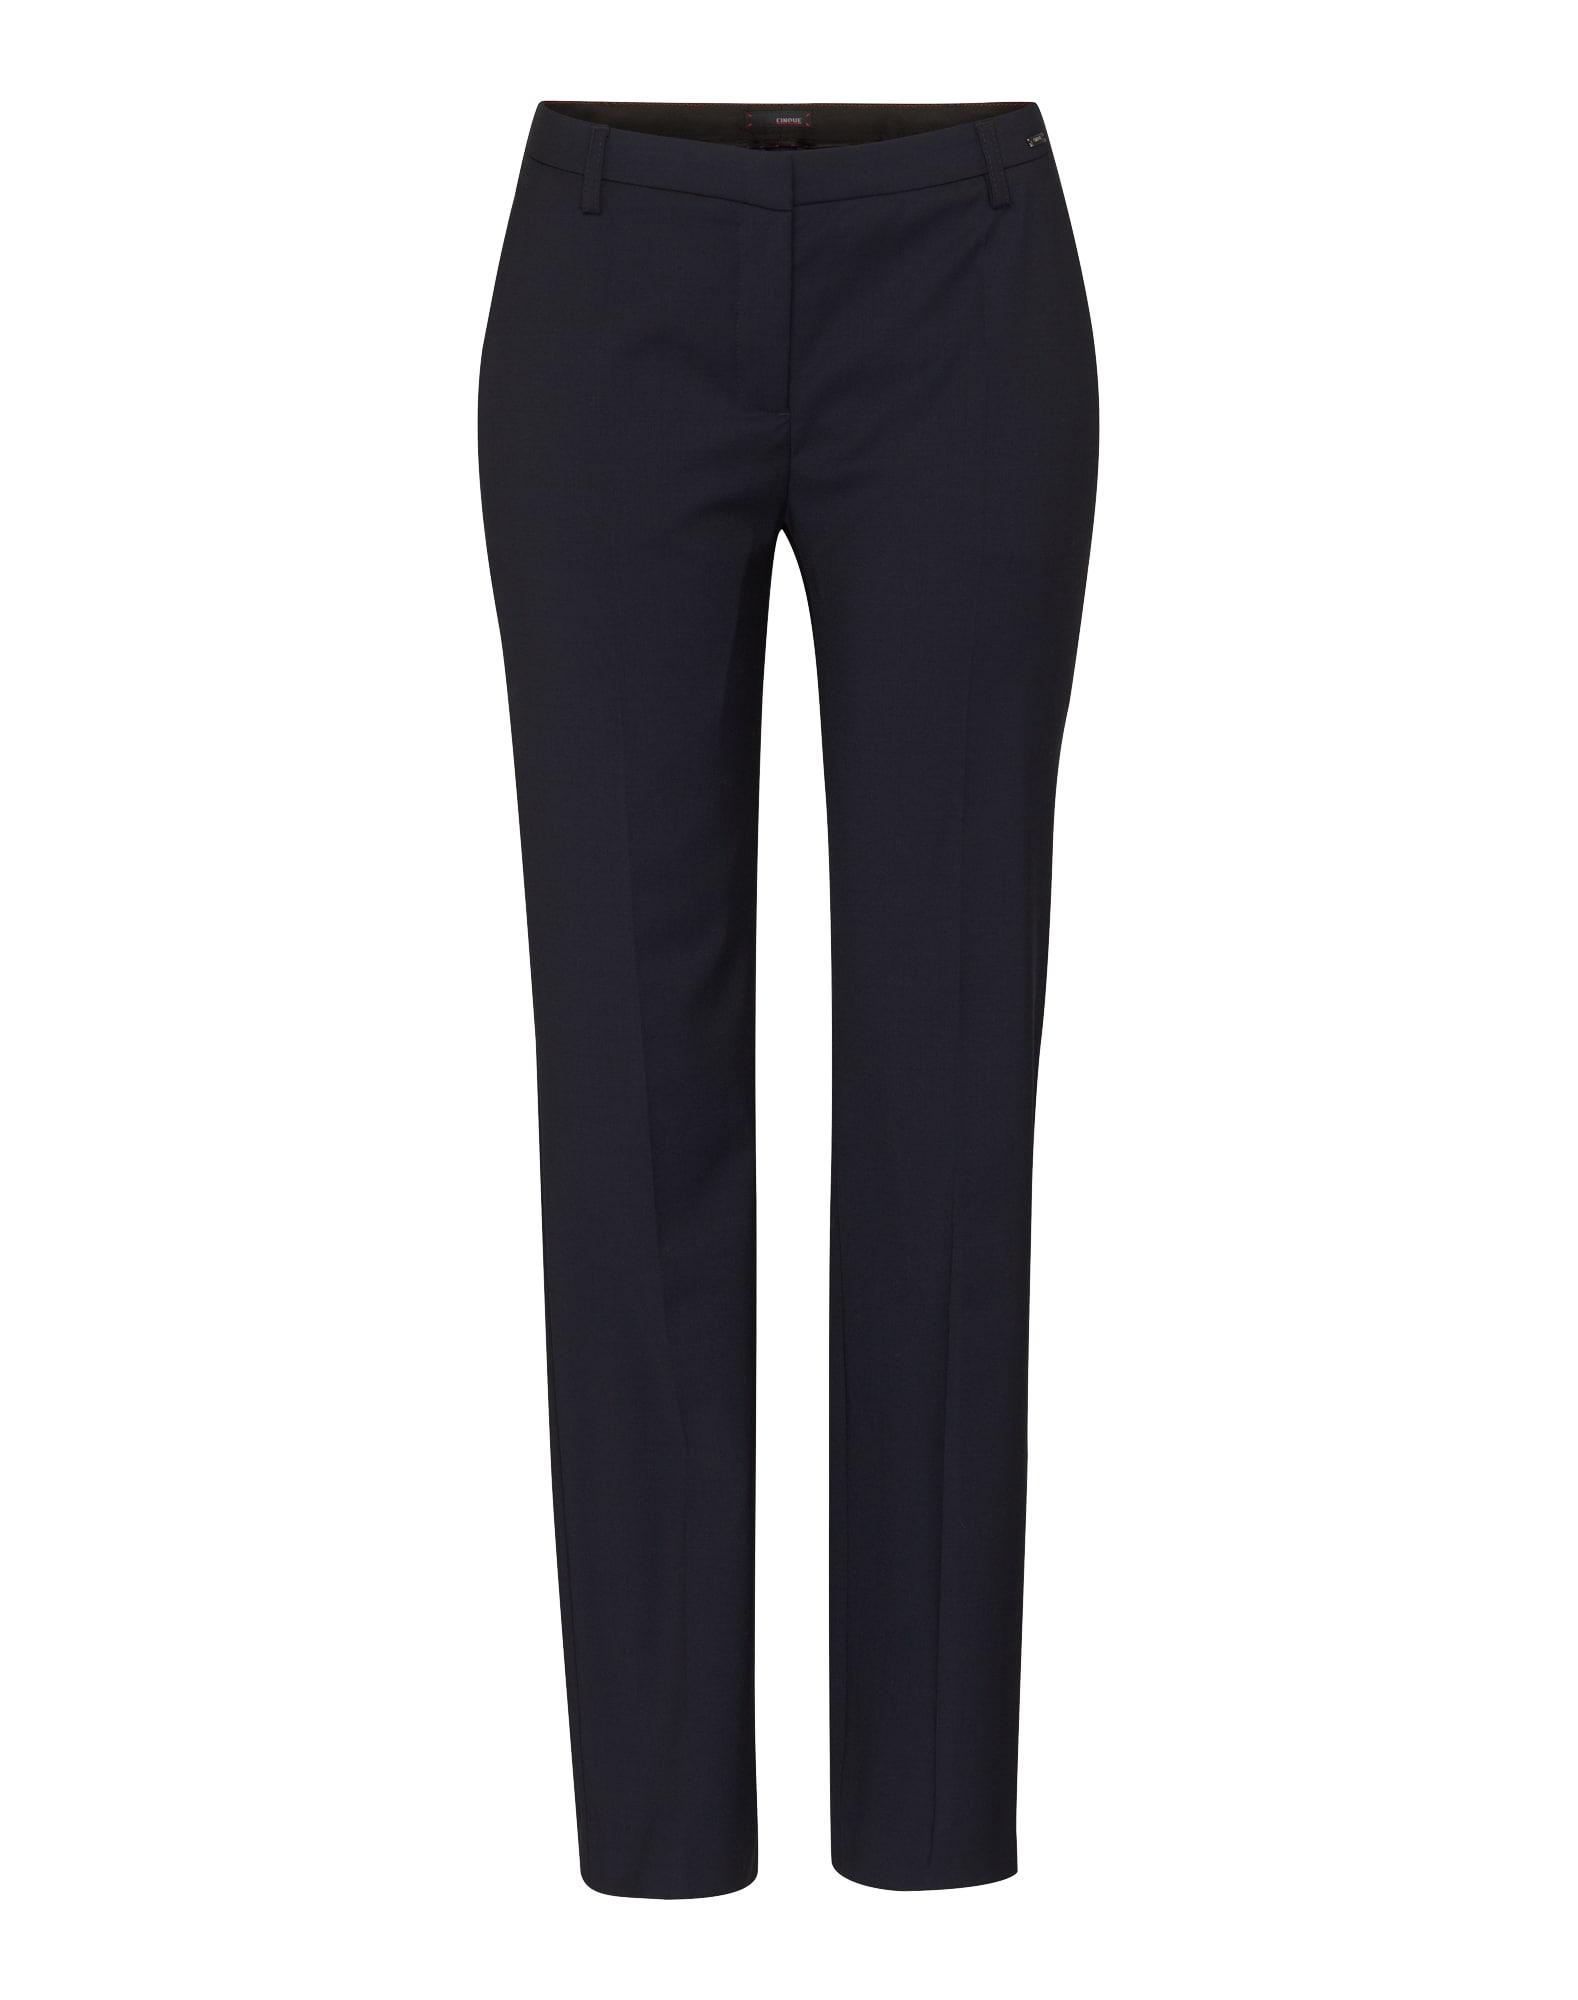 Kalhoty s puky Cisenza tmavě modrá CINQUE